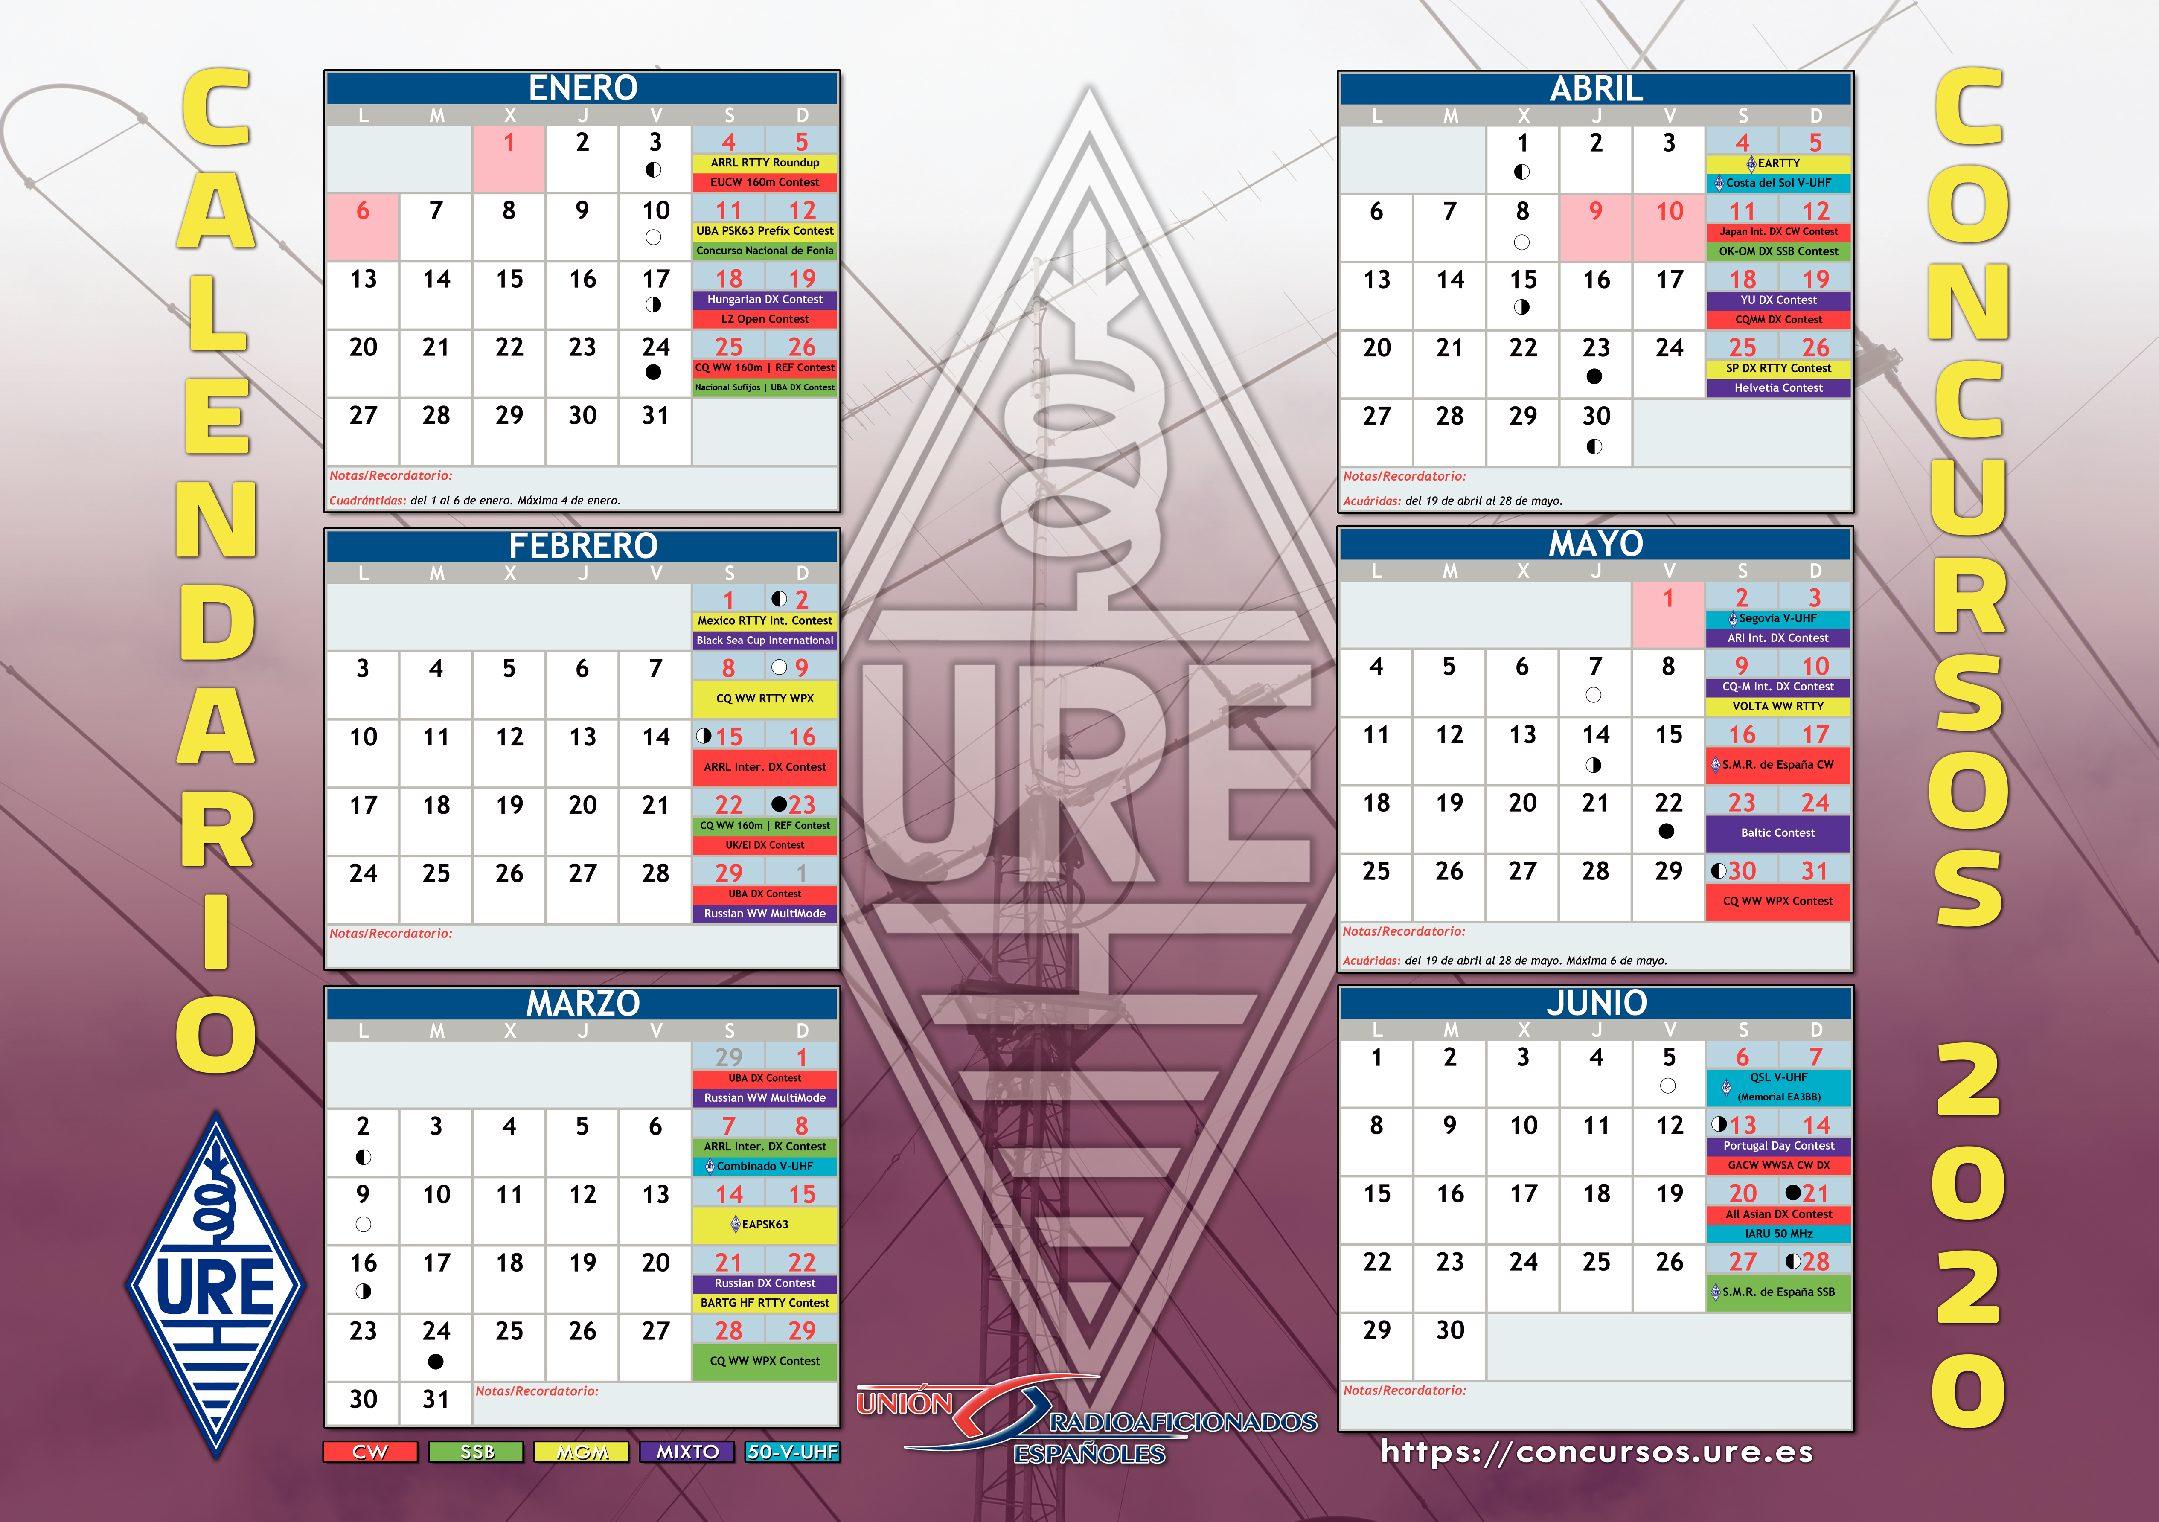 Calendario de Concursos 2020 Editado por URE